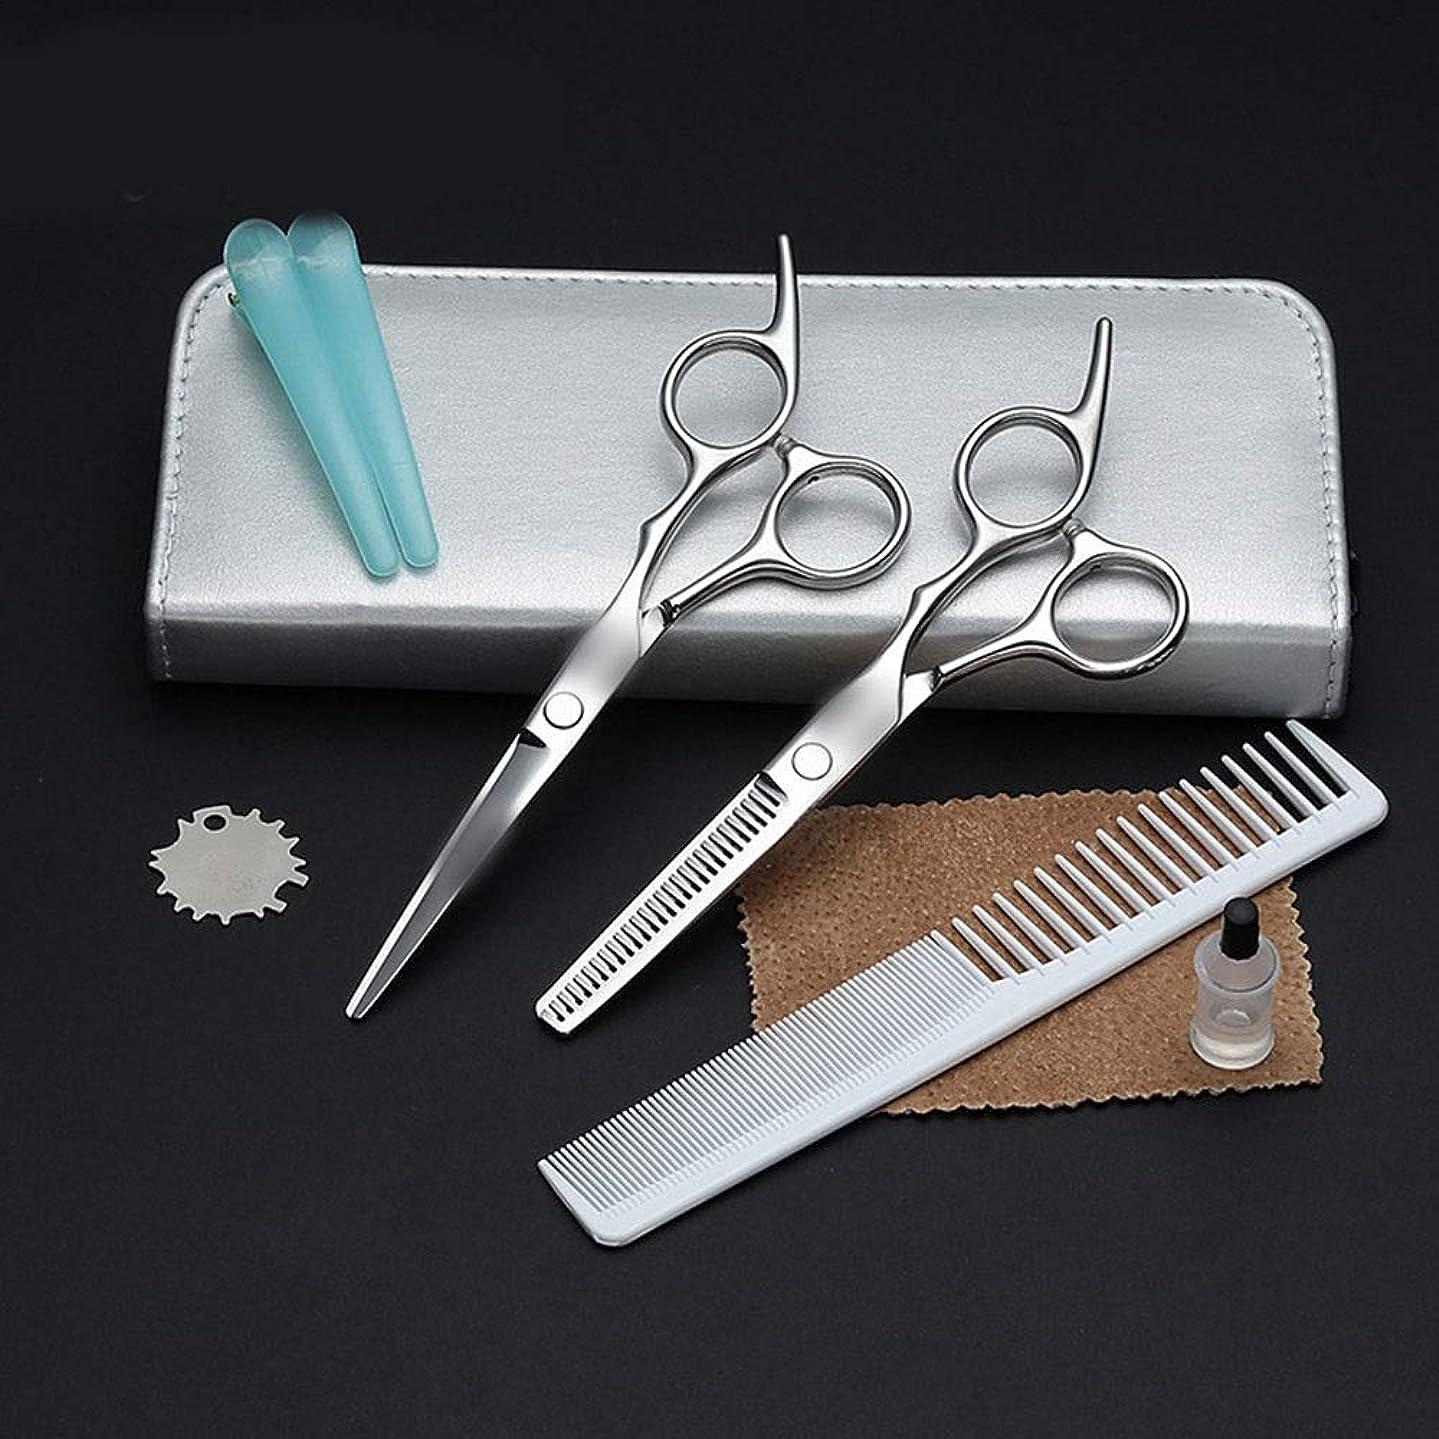 偶然のドームまぶしさ理髪用はさみ 理髪はさみ、家族の大人の子供のフラット+歯はさみヘアツールセットヘアカットはさみステンレス理髪はさみ (色 : Silver)